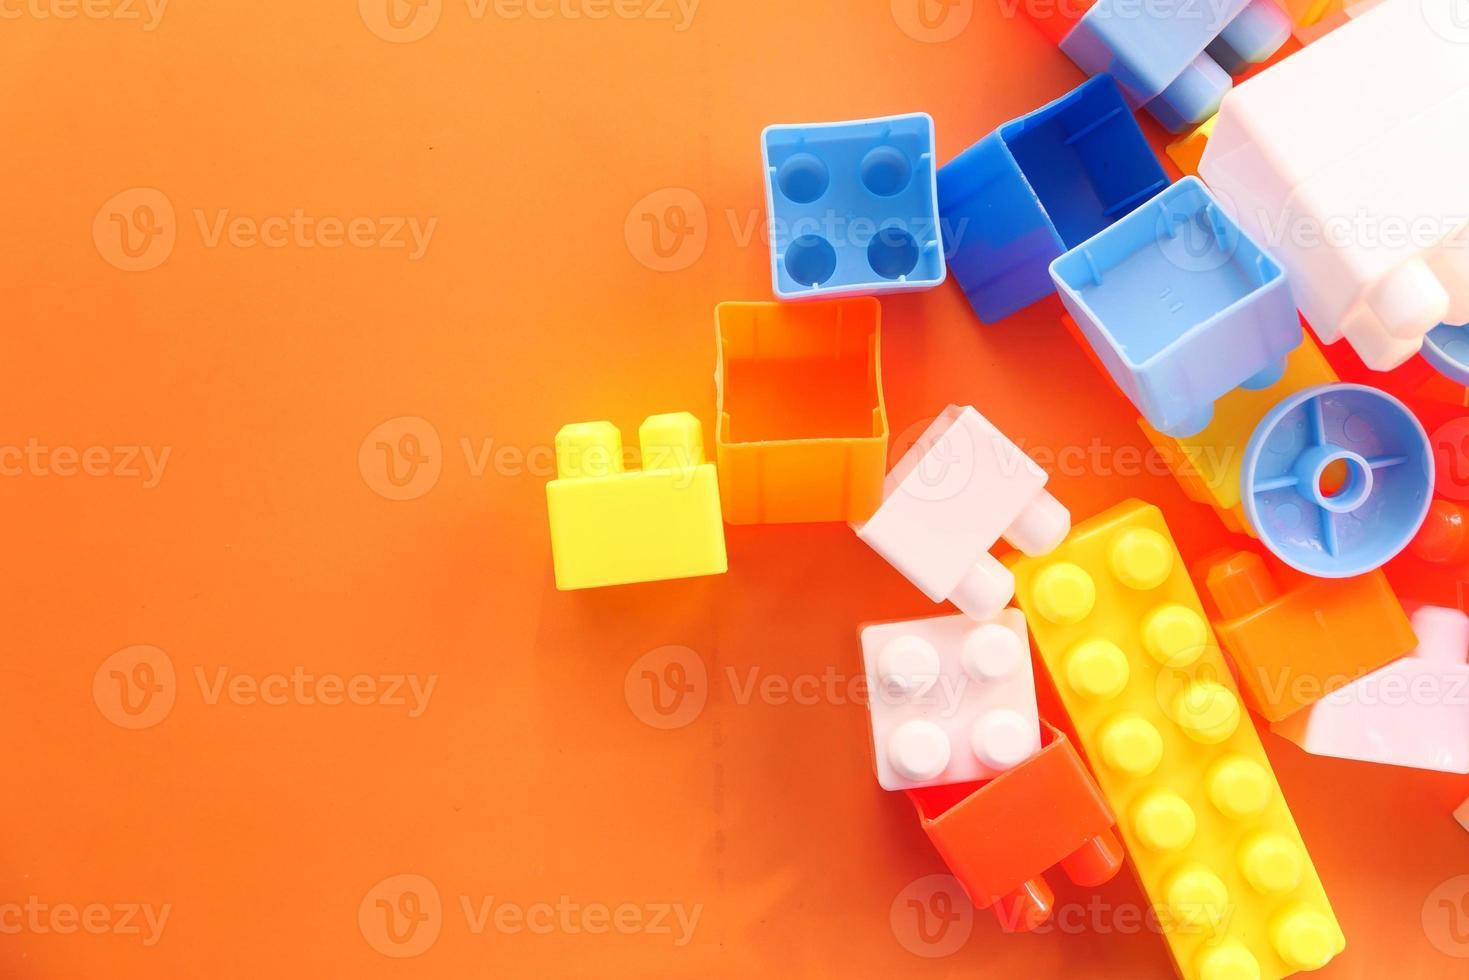 kleurrijke bouwstenen op oranje tafel, close-up foto